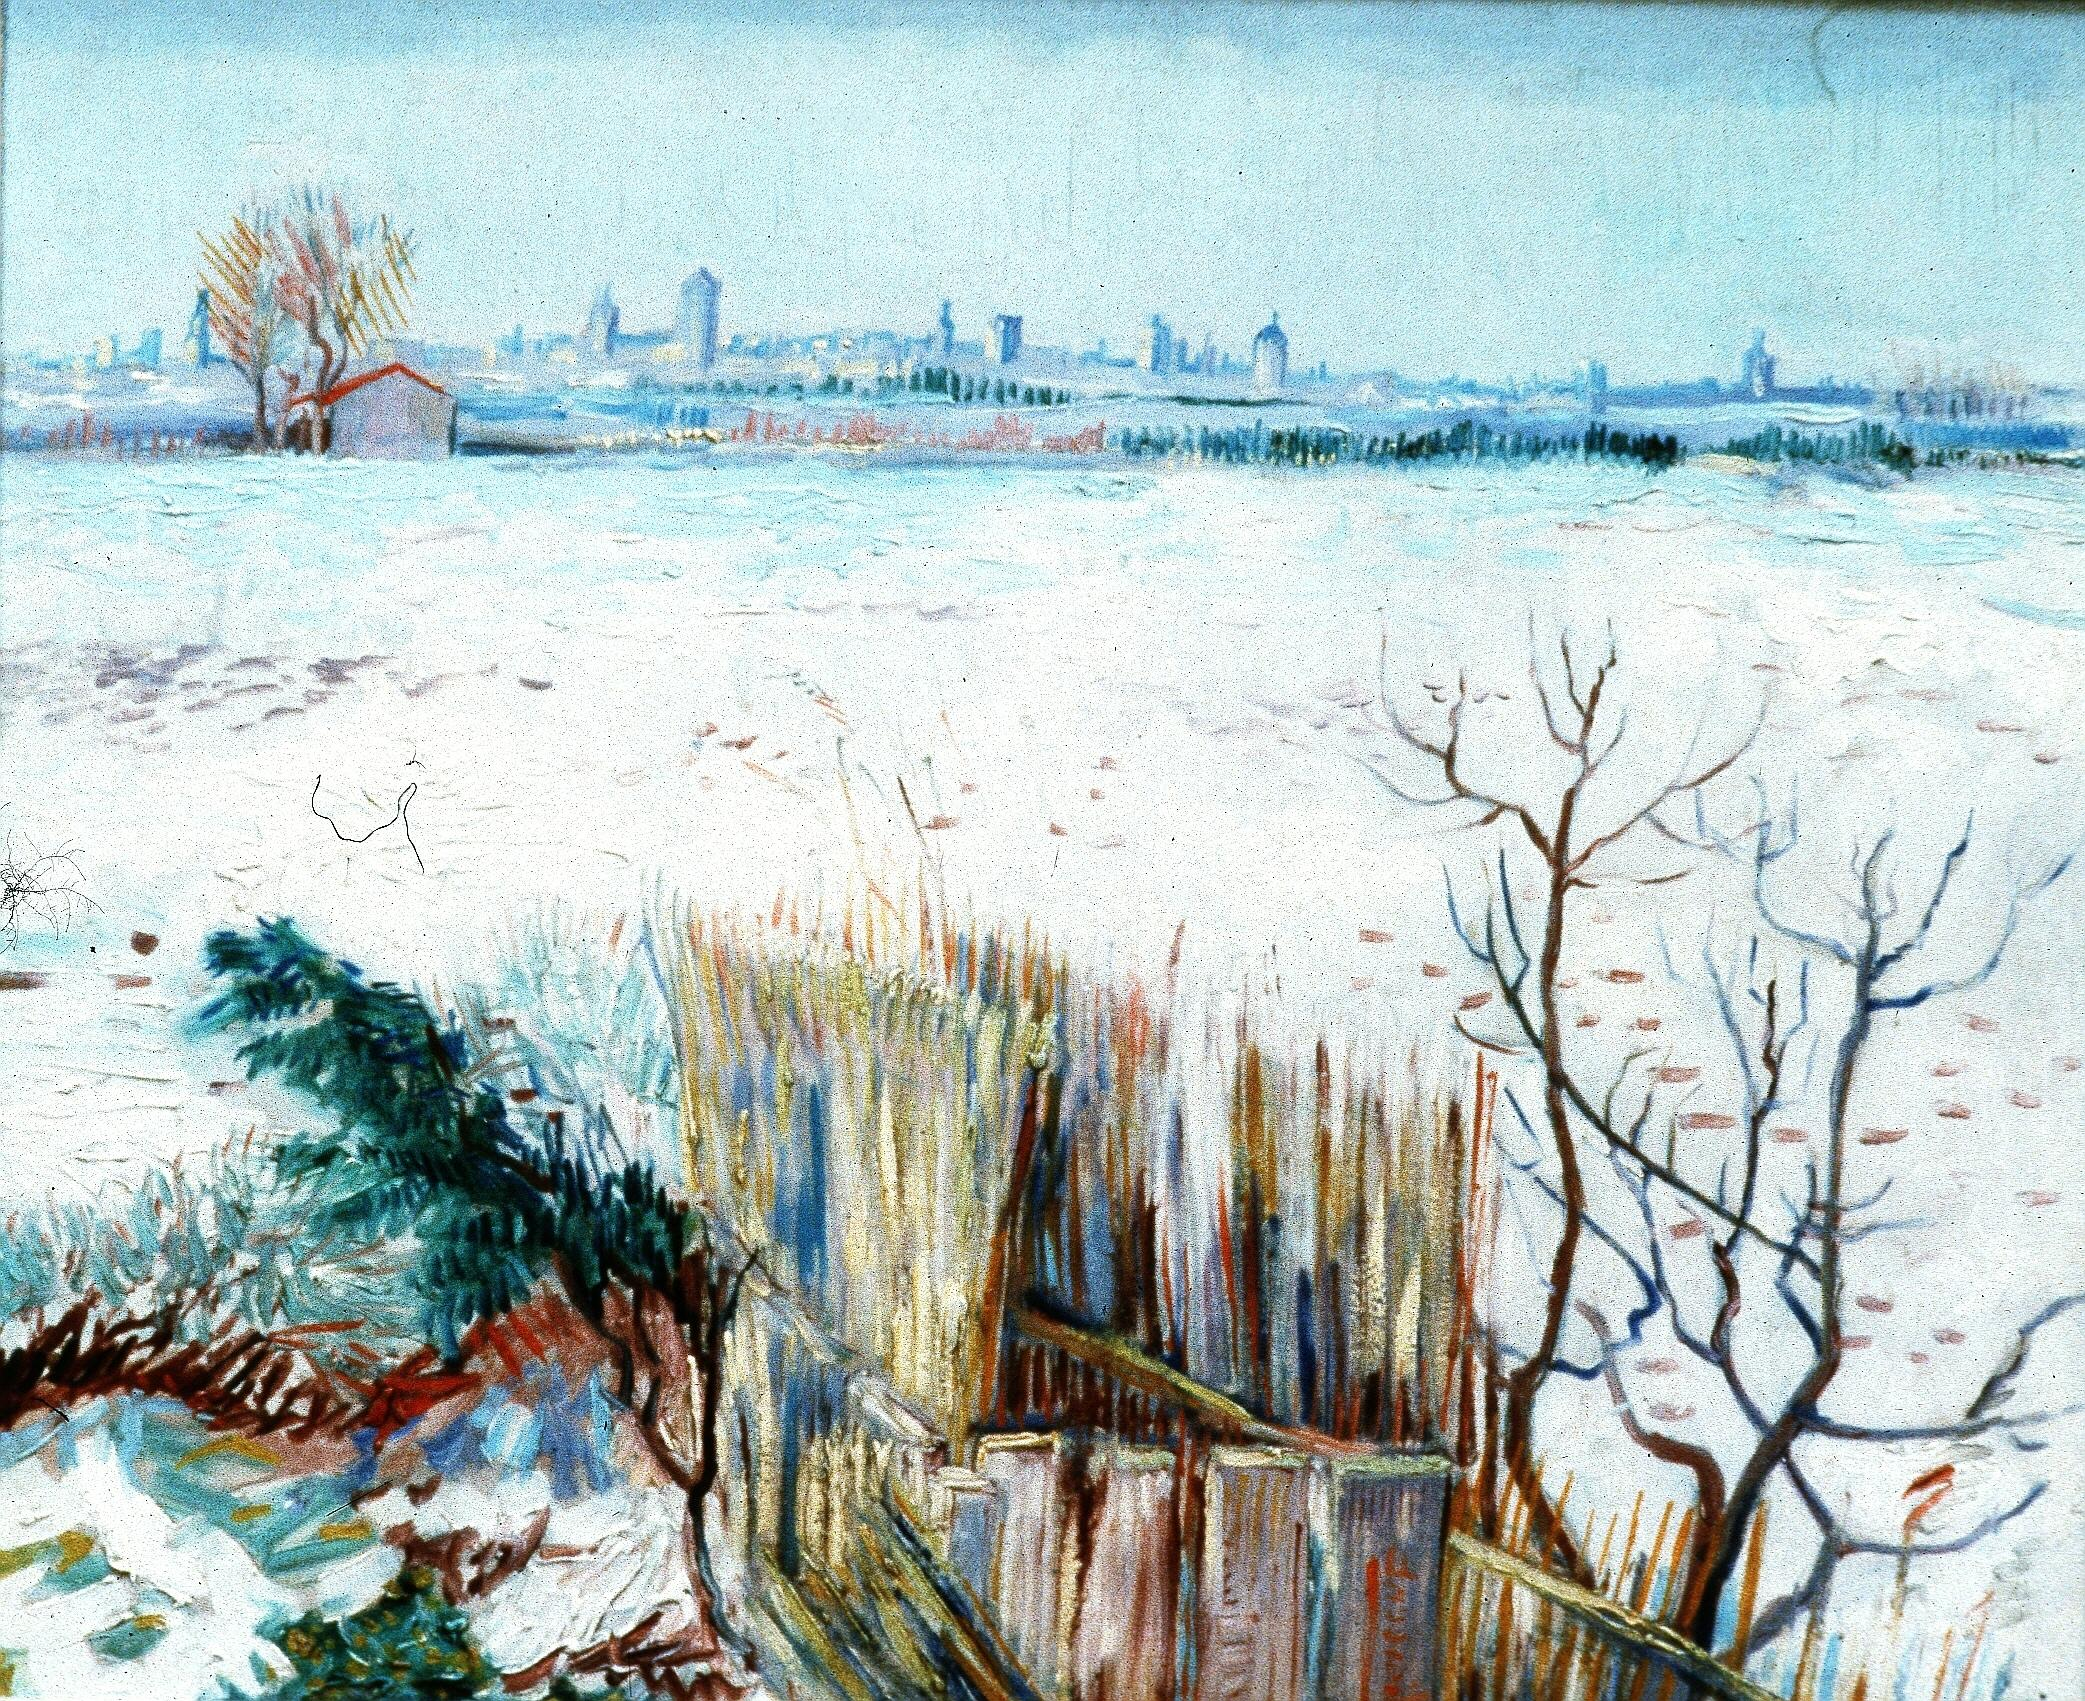 http://www.art-vangogh.com/